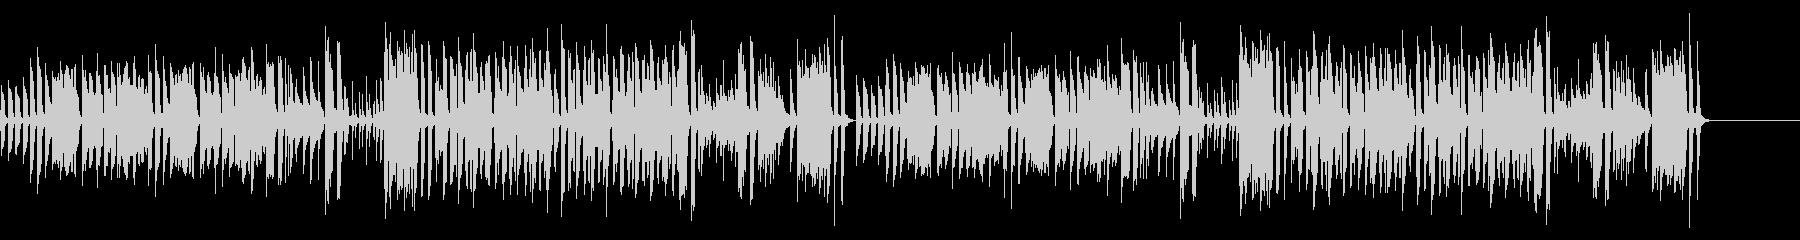 日常のBGMの未再生の波形